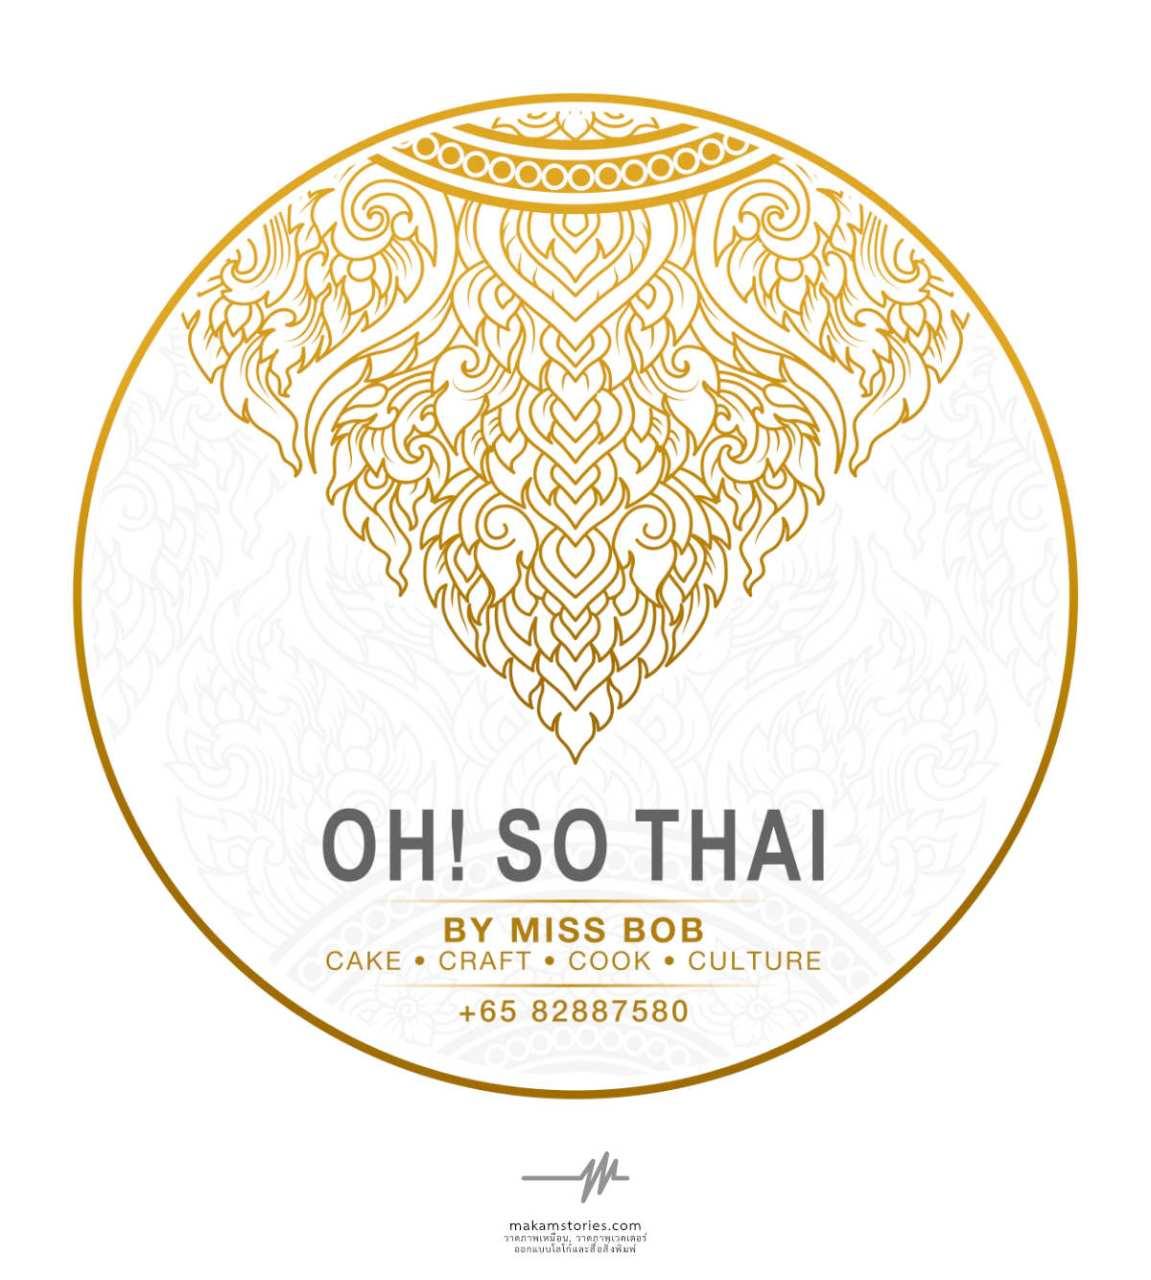 ออกแบบโลโก้ลายไทย สำหรับธุรกิจเกี่ยวกับงานแกะสลักและงานฝีมือ